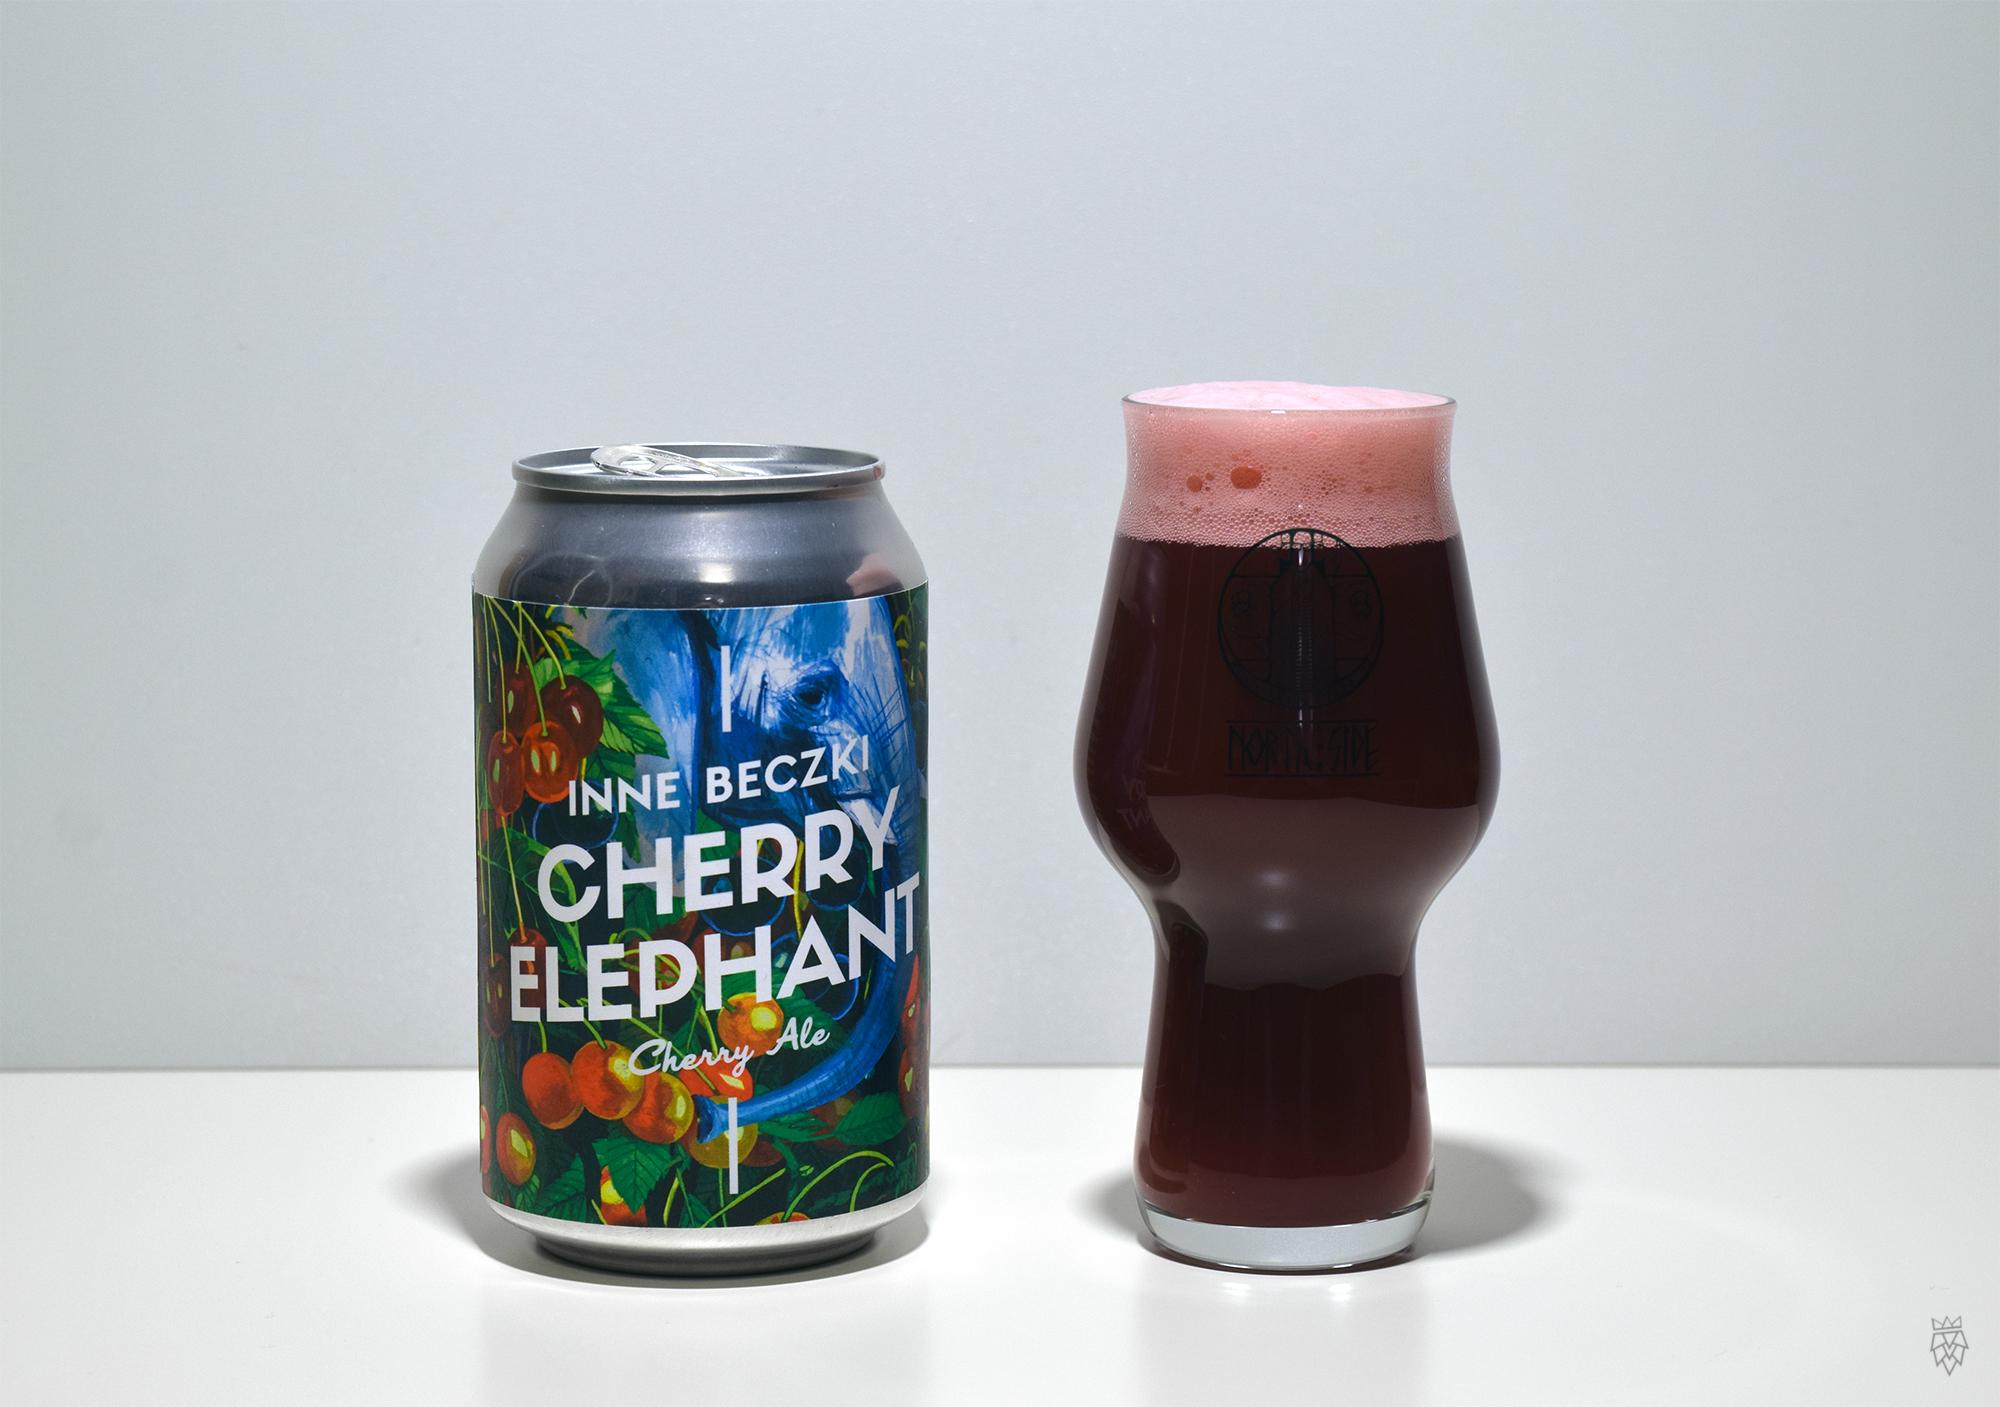 Cherry Elephant Inne Beczki